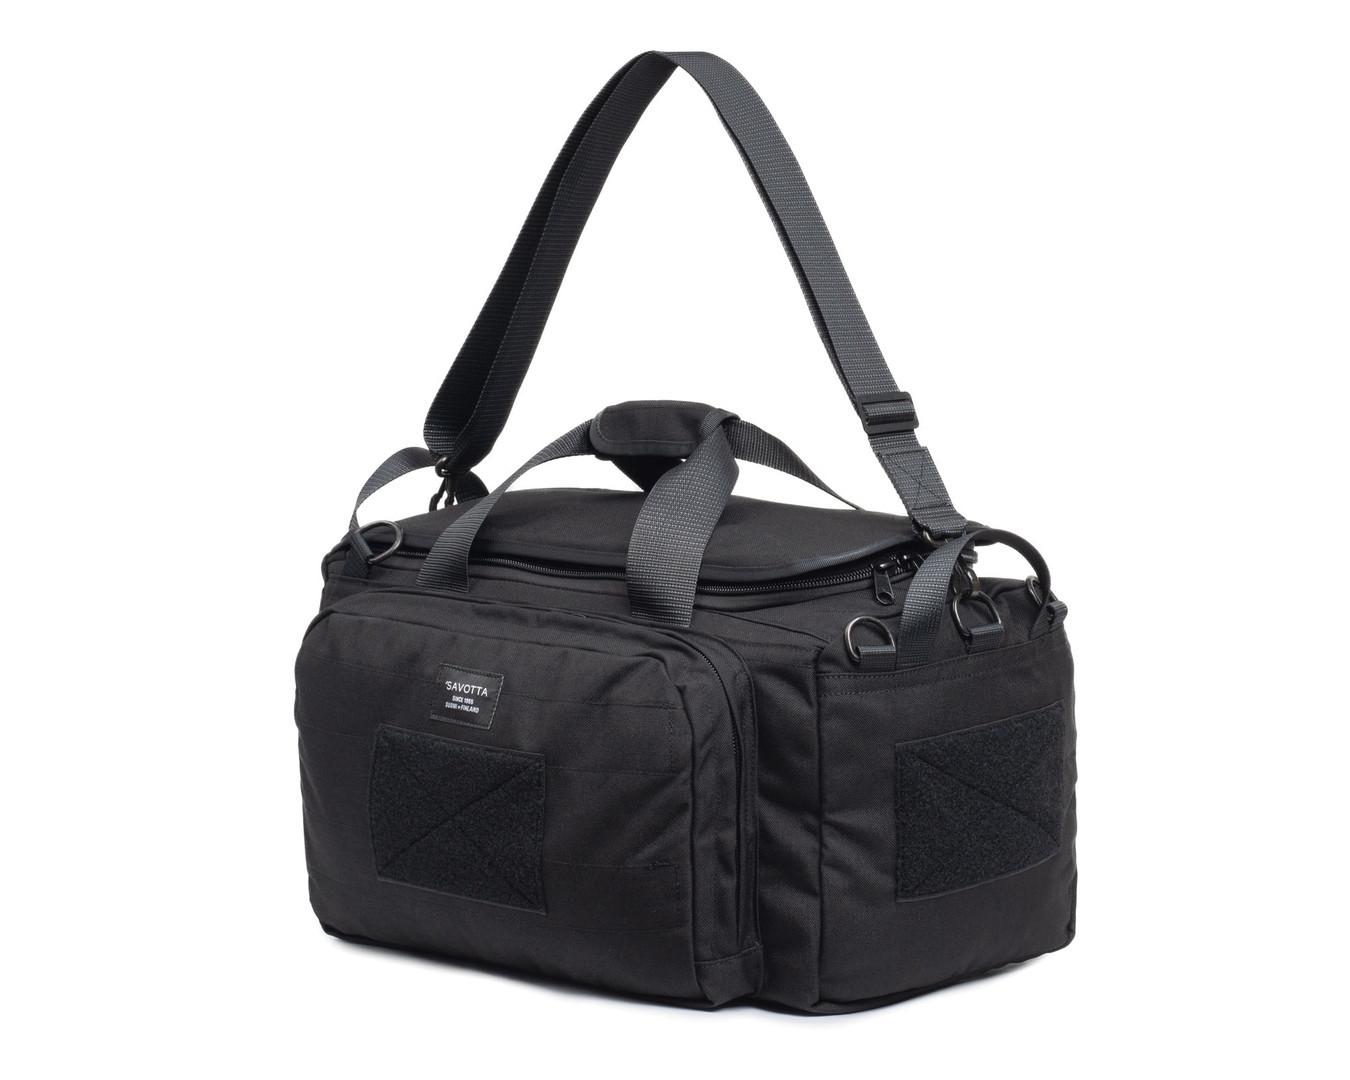 Savotta Keikka Duffel Bag 30 L